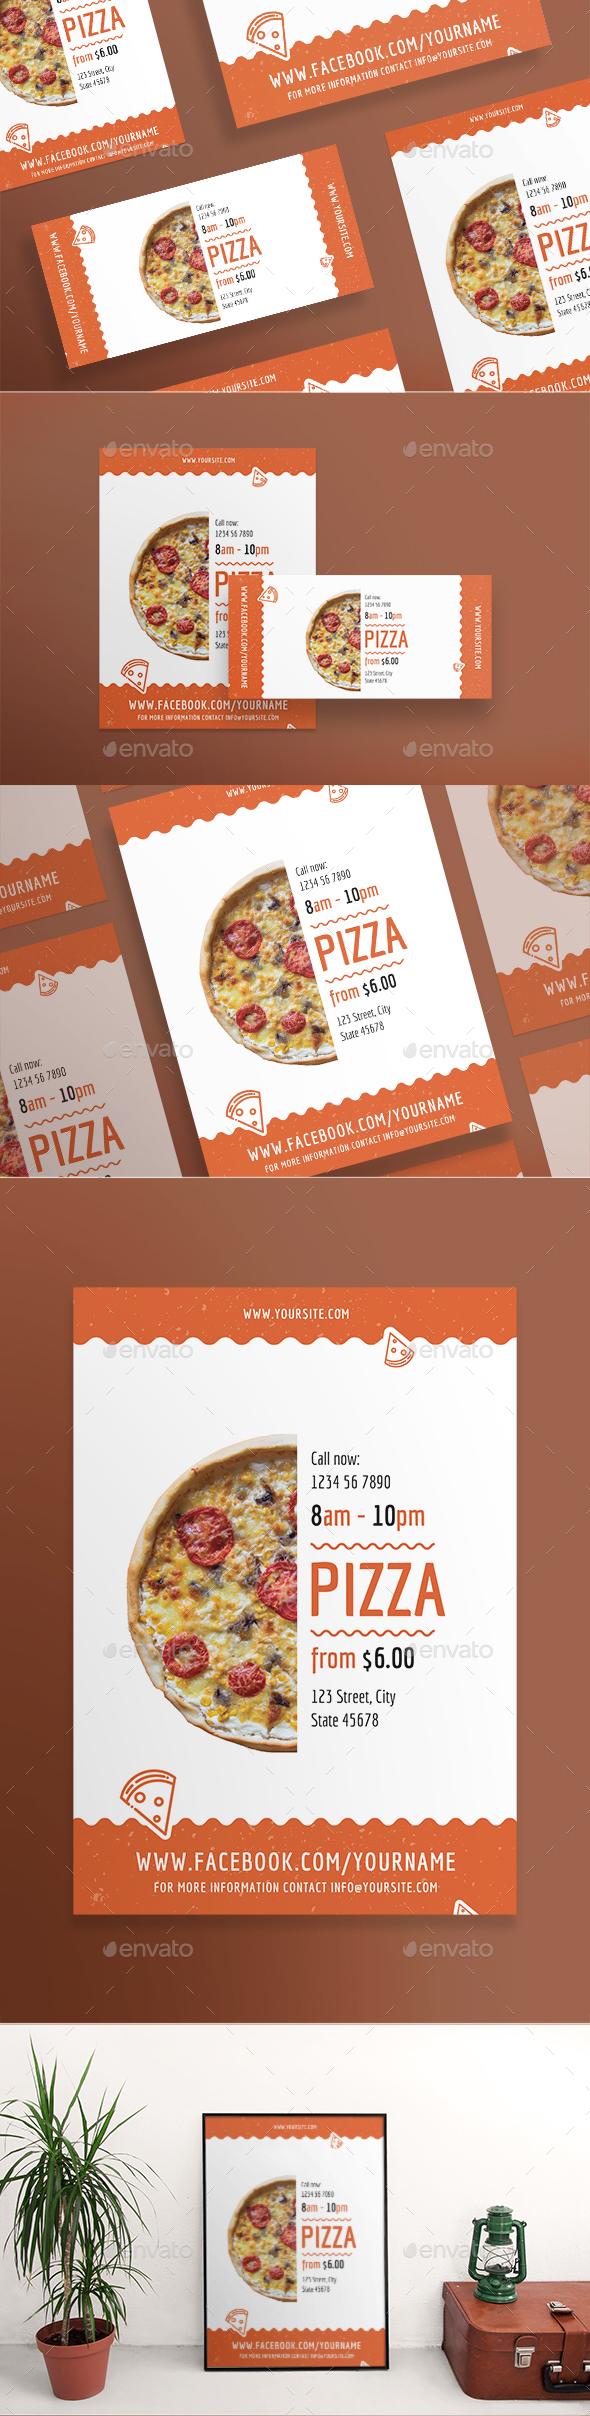 Tasty Pizza Flyers - Restaurant Flyers